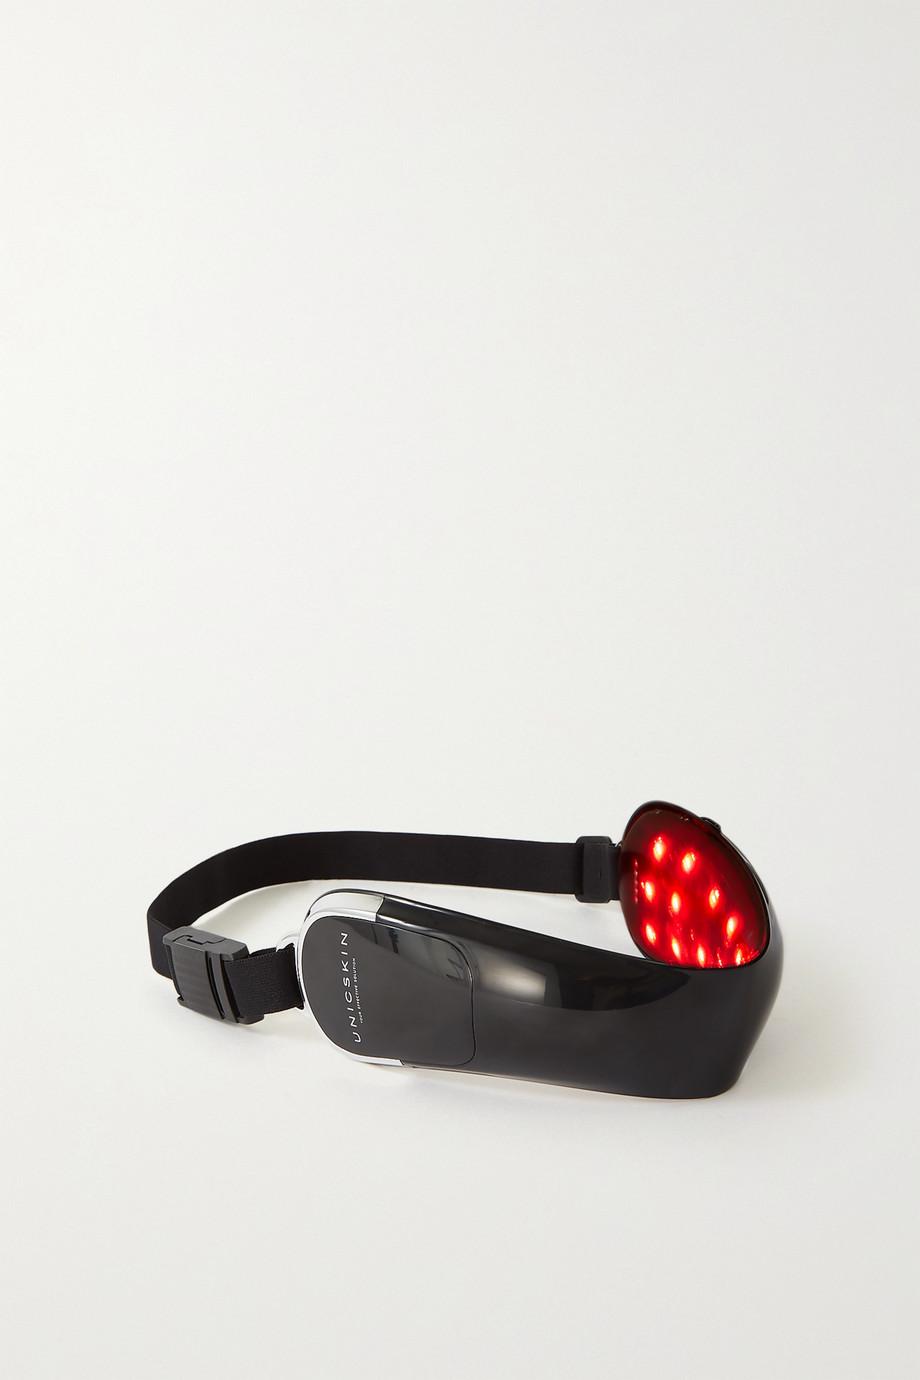 Unicskin UnicLED Neck & Chin Mask – LED-Maske